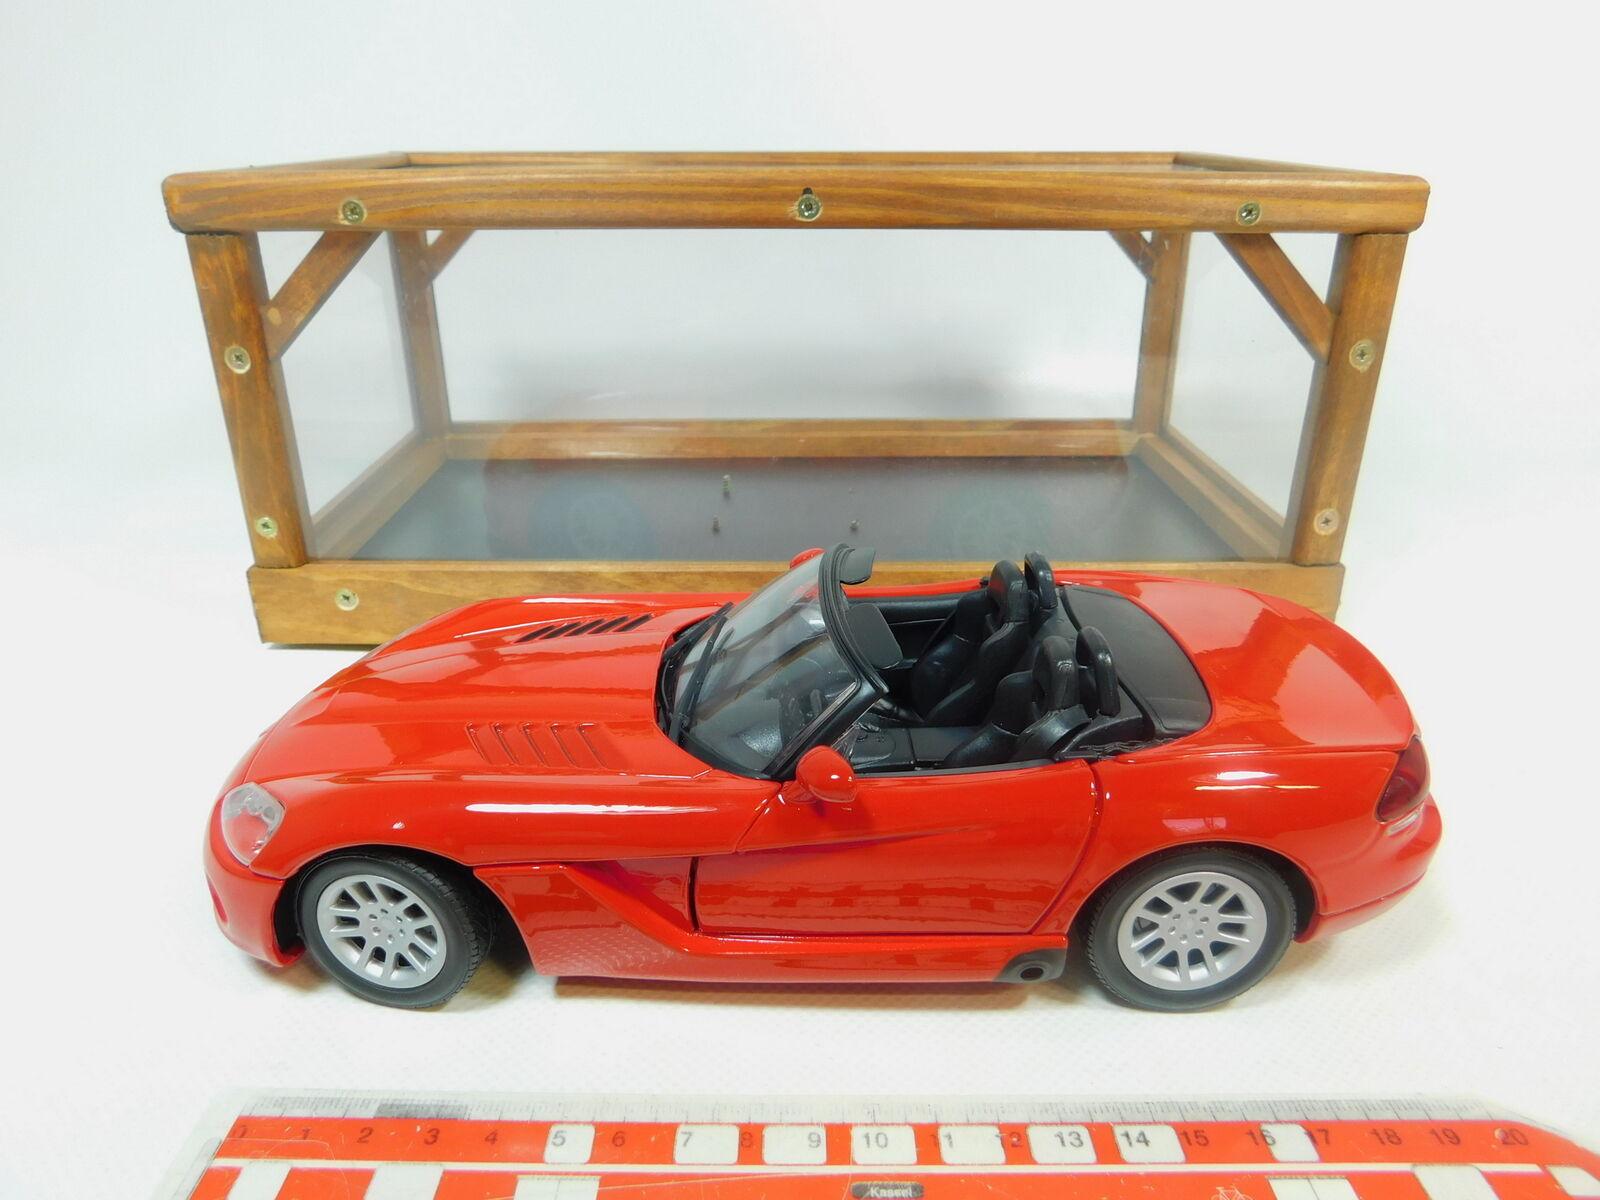 BP486-3   Motormax 1 18 73137 Metall-Pkw Dodge Viper Srt 10 2003, Très Bien